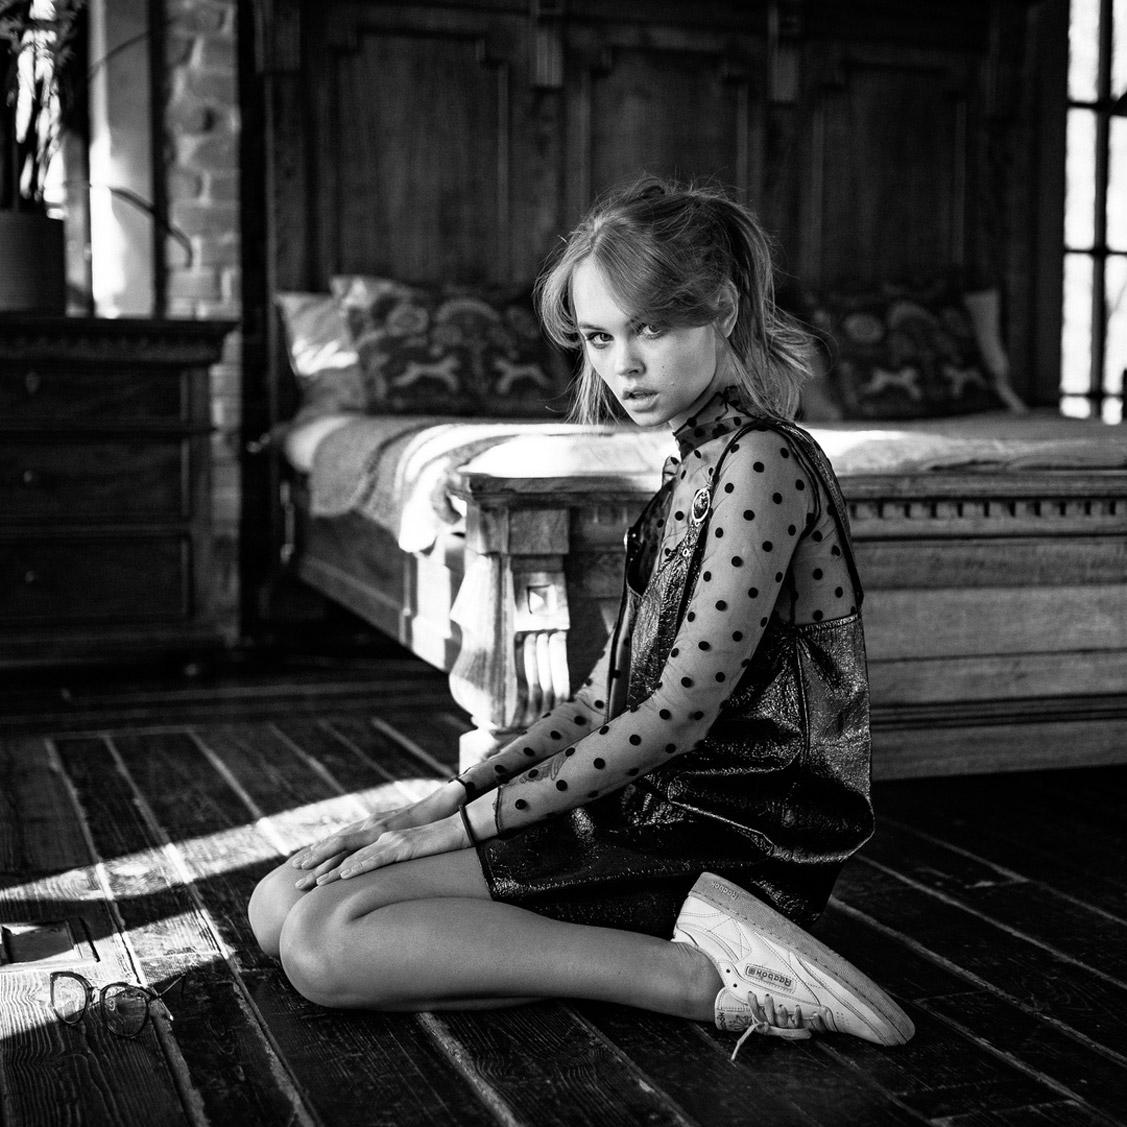 Портрет Анастасии Щегловой, фотограф Георгий Чернядьев / Anastasiya Scheglova by Georgy Chernyadyev